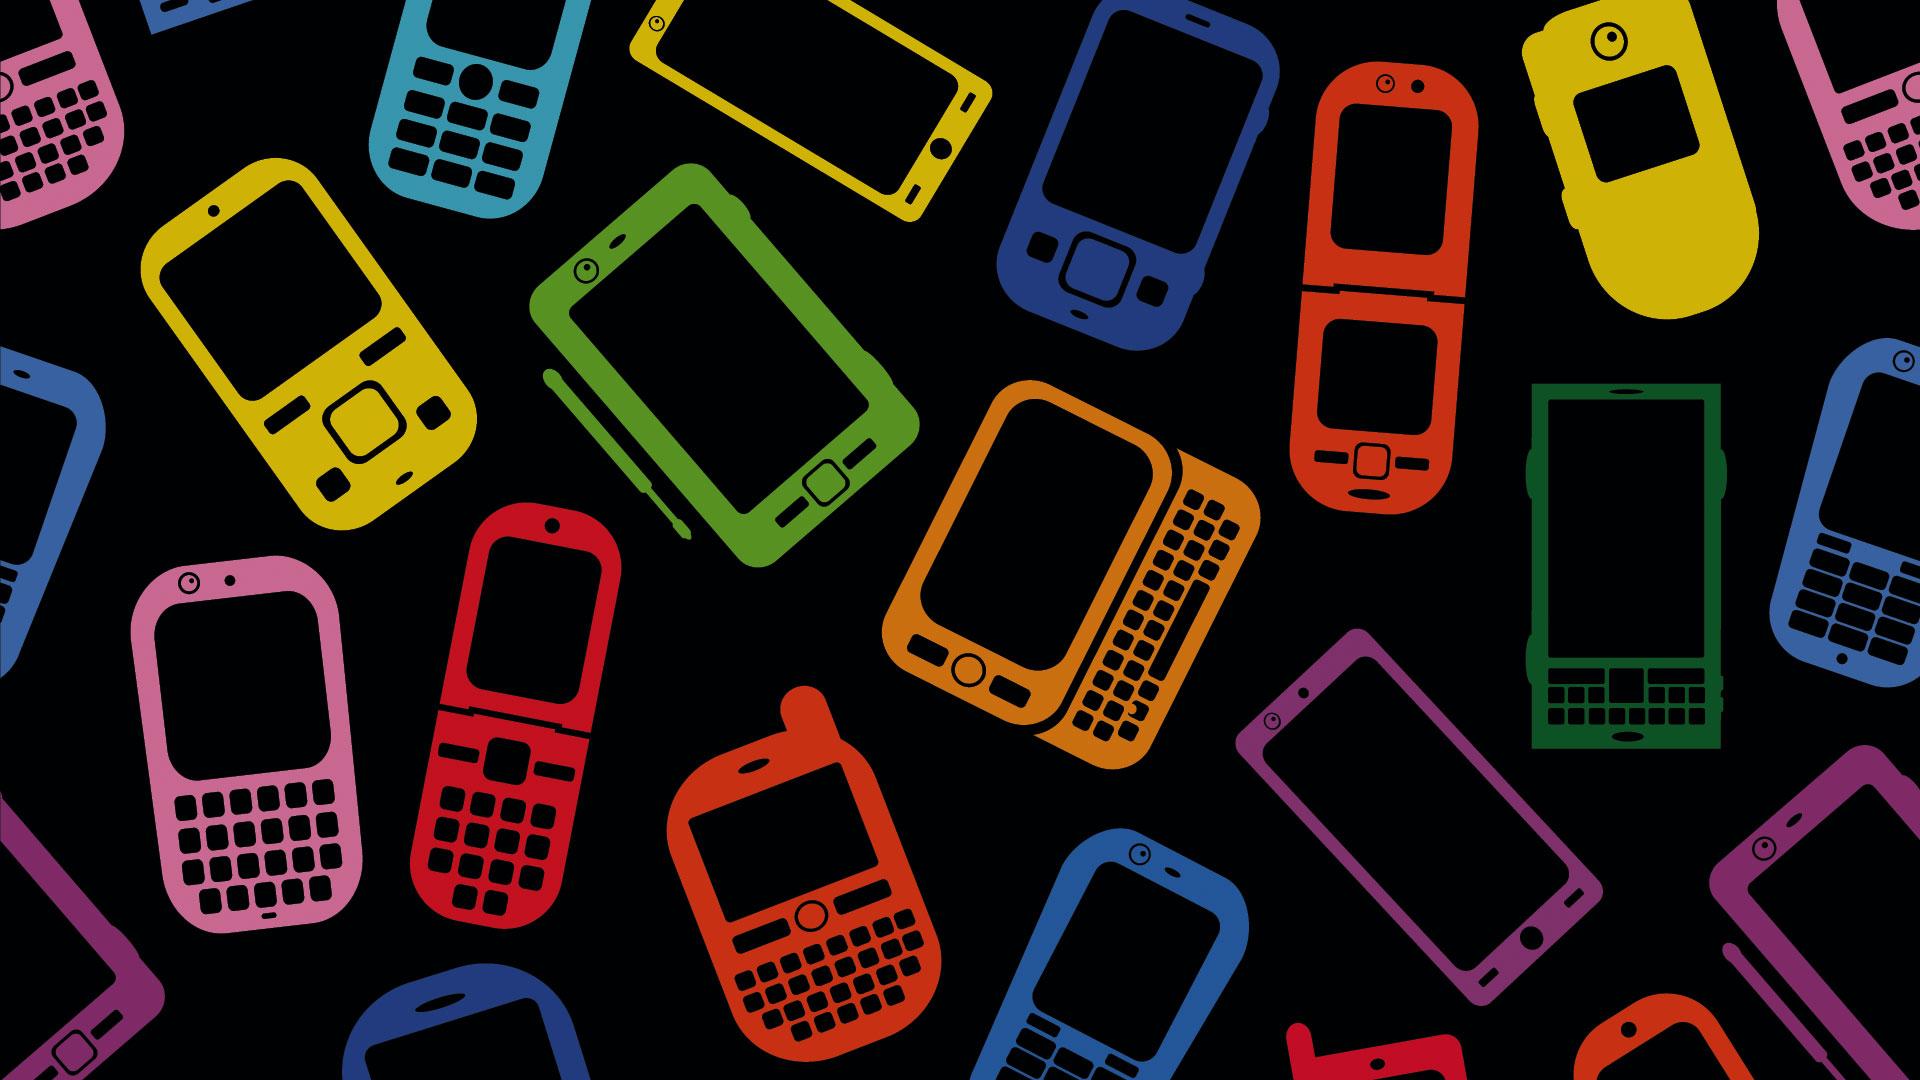 2019ko smartphone itxaropenenak